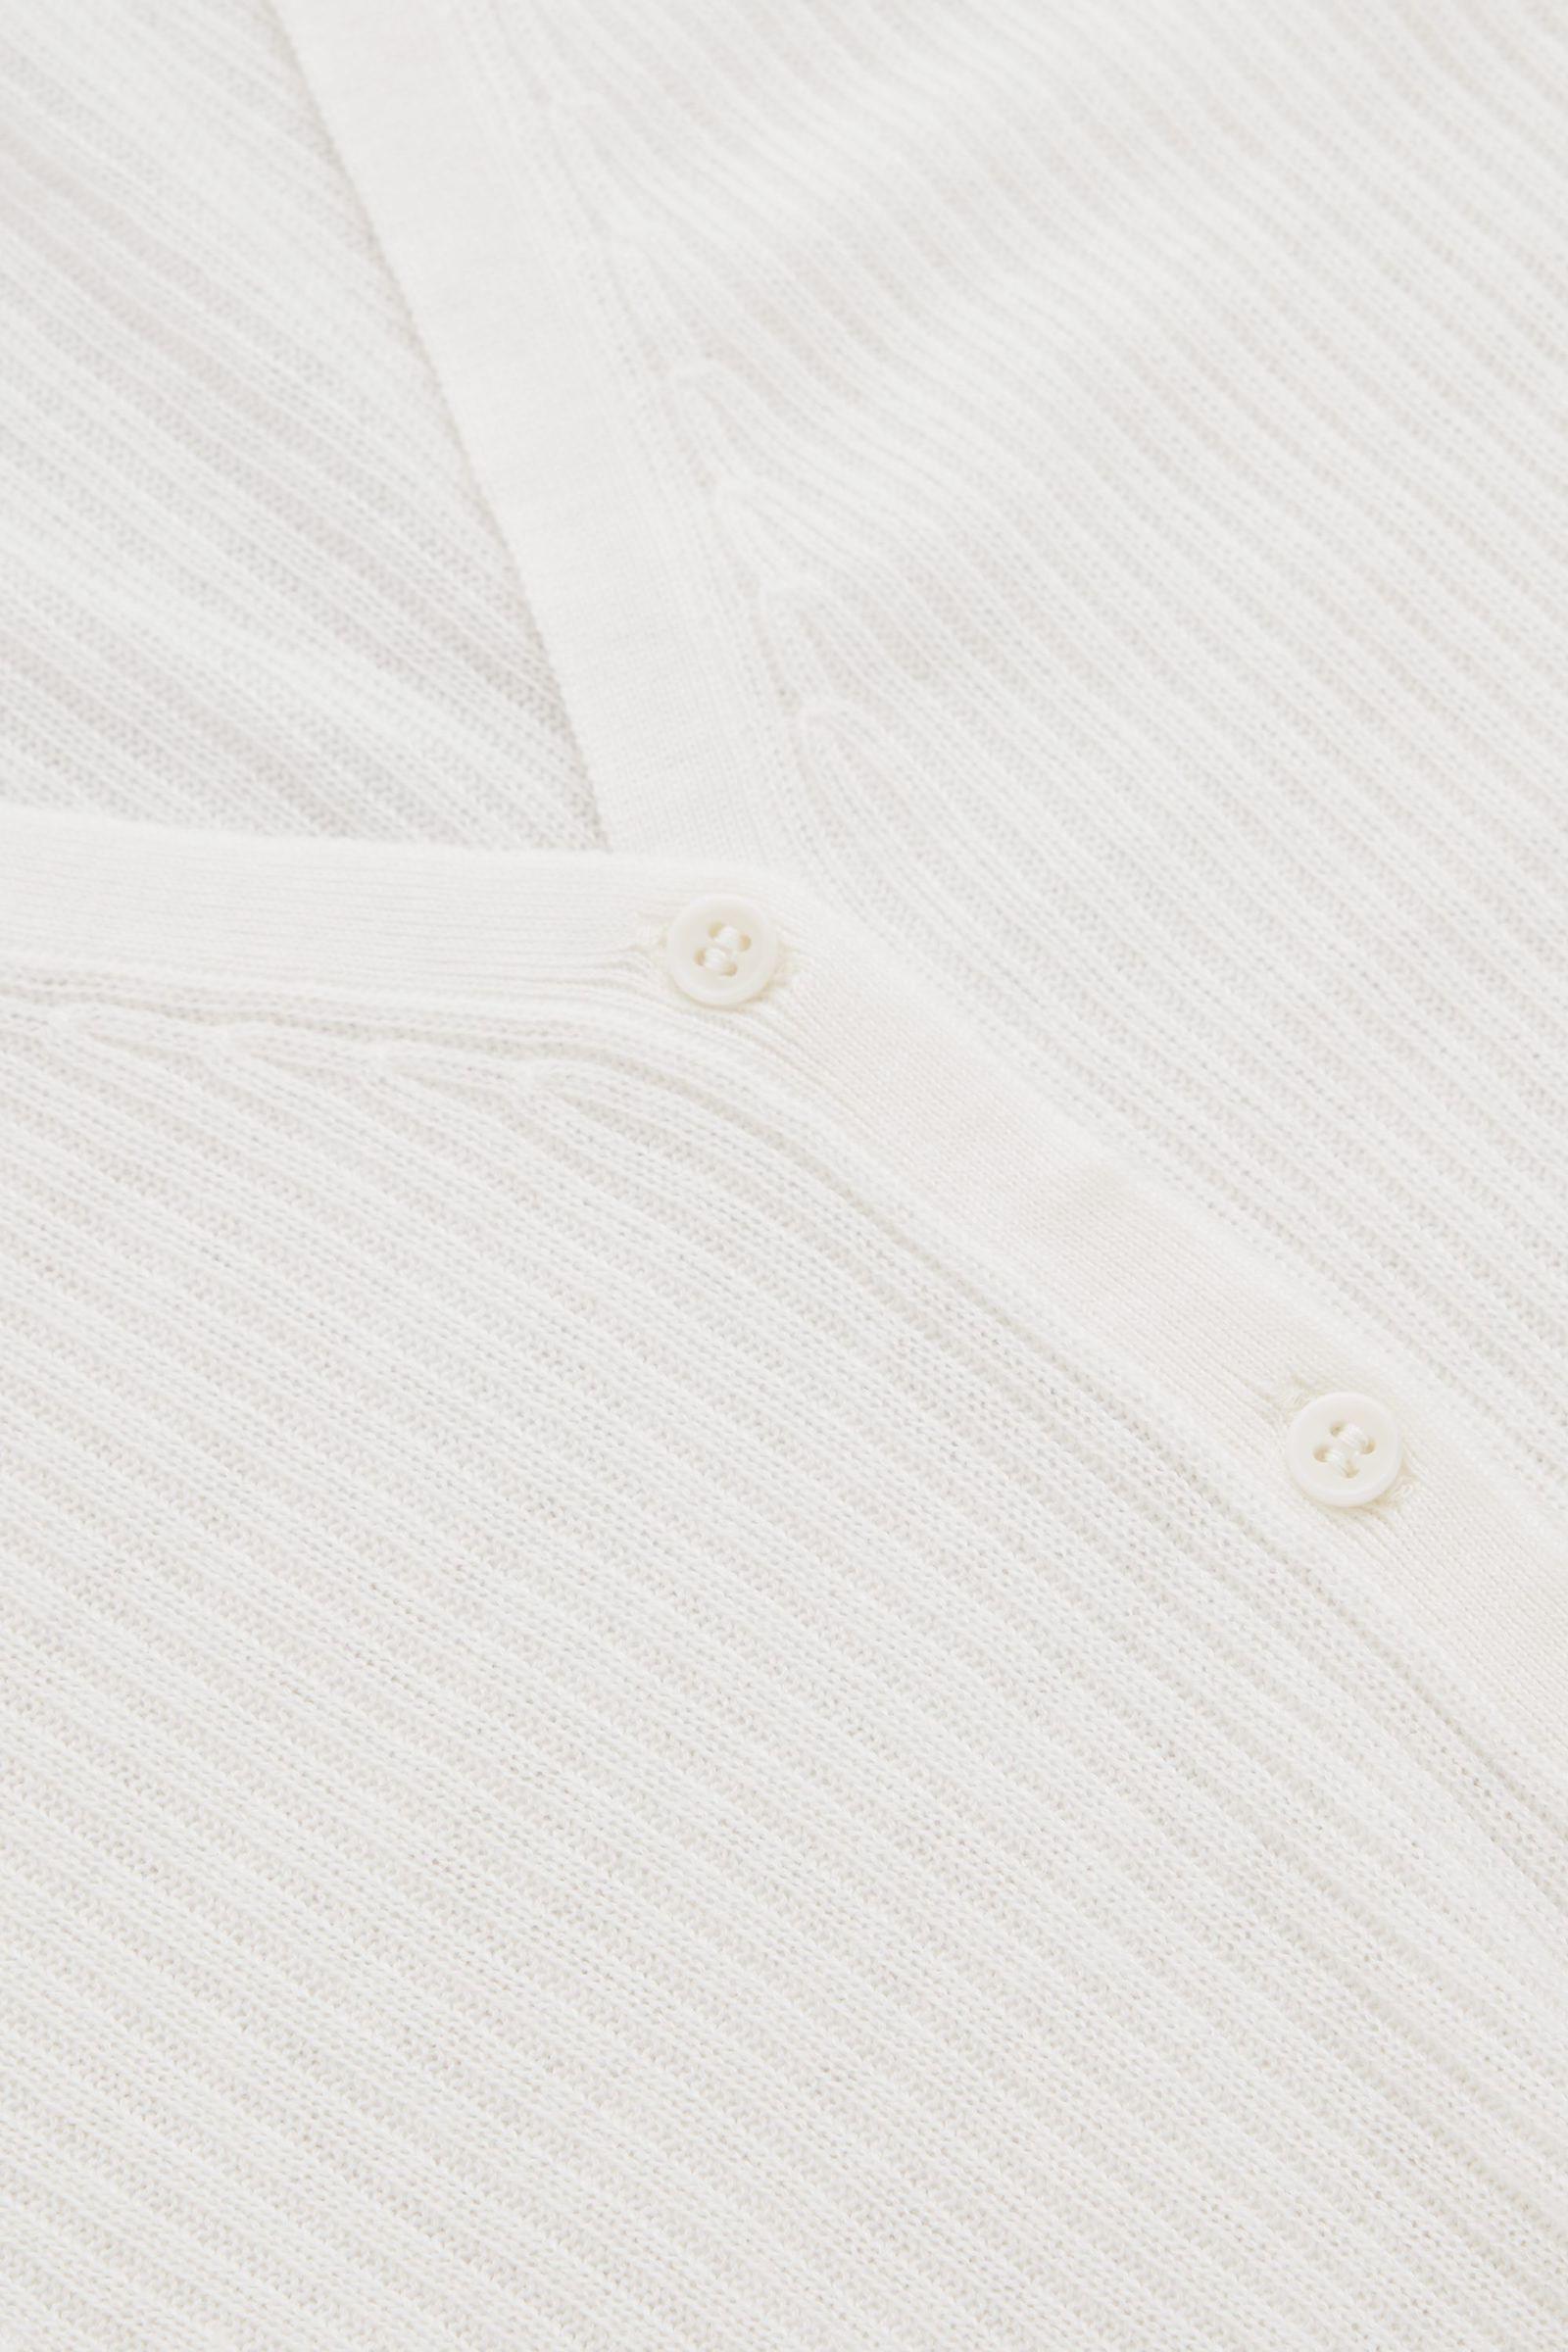 COS 파인 니트 리브 캐시미어 가디건의 화이트컬러 Detail입니다.